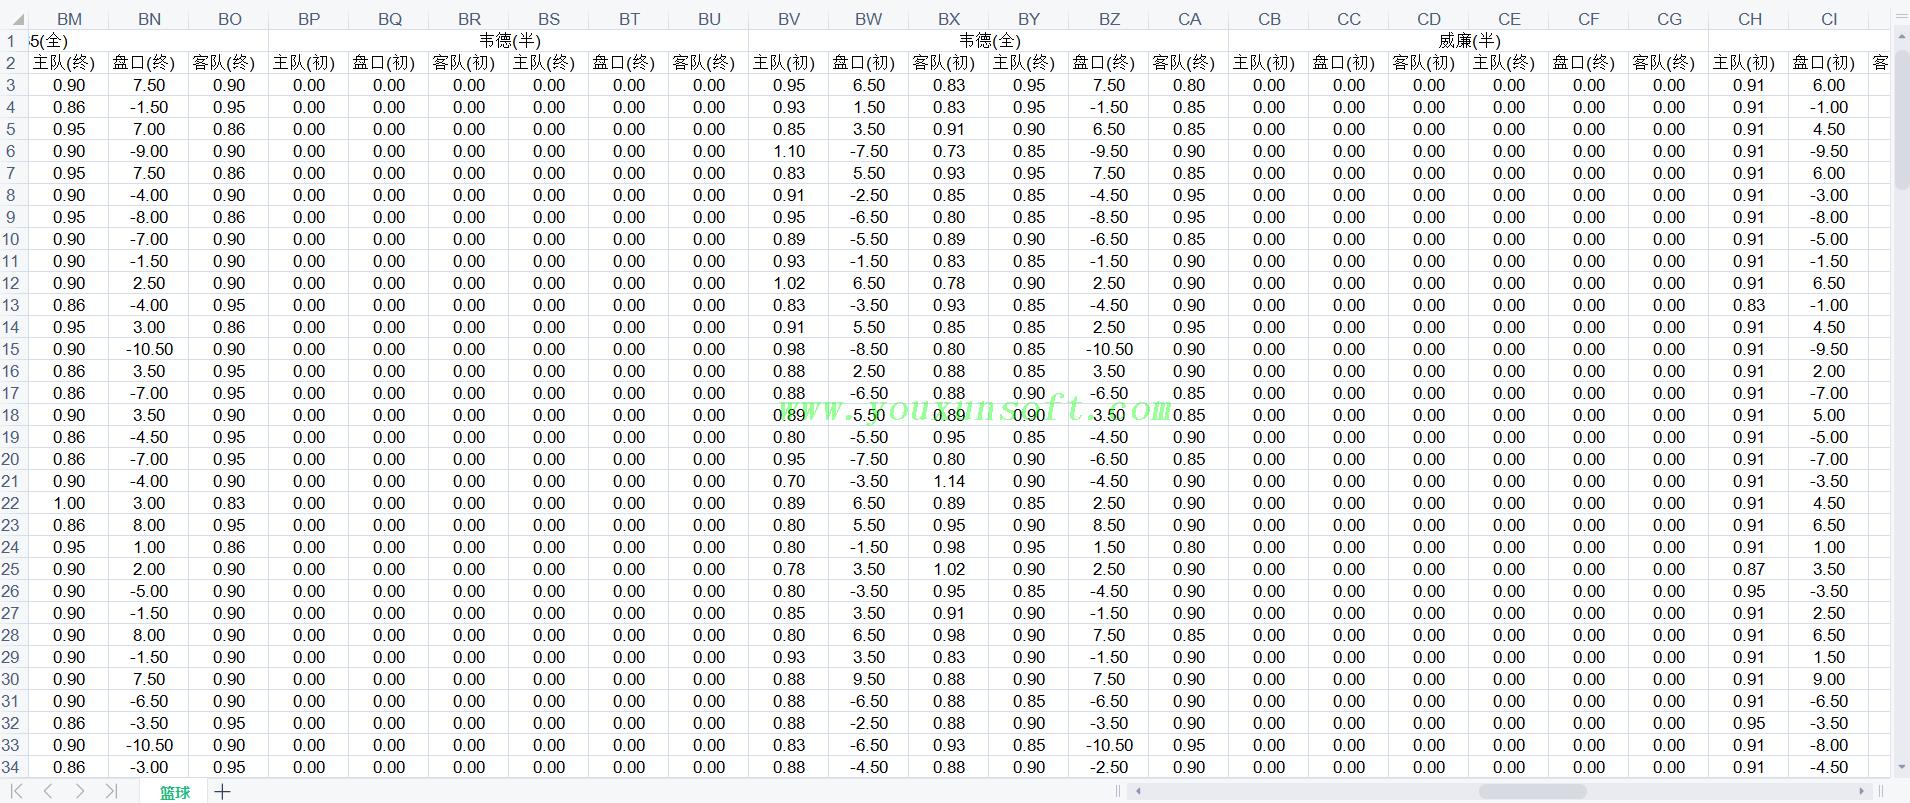 球探网篮球(总分盘_让分盘)赔率数据采集V6